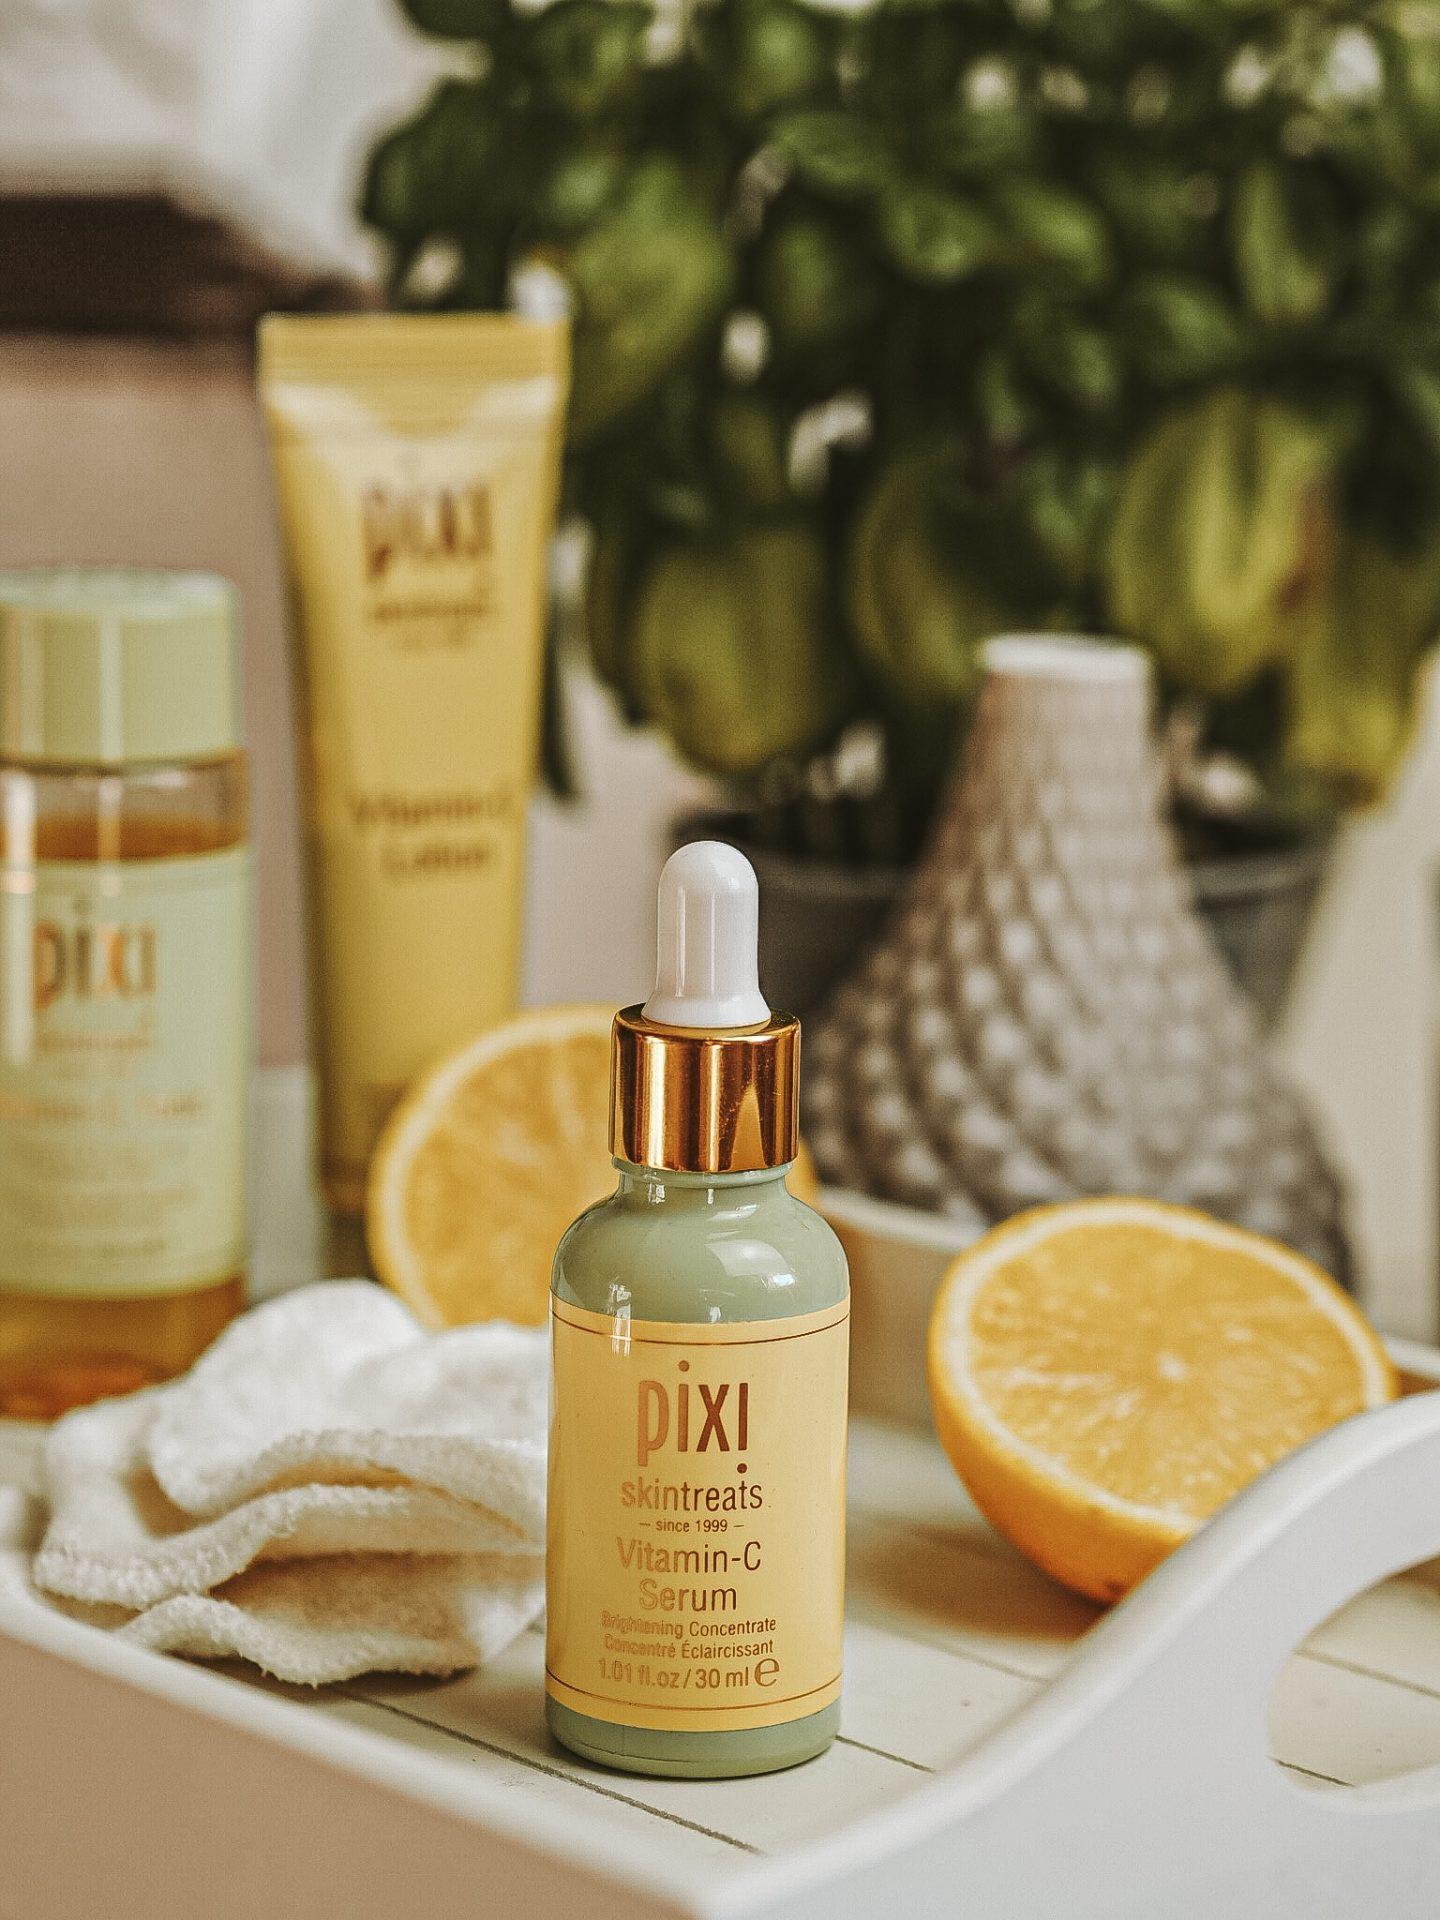 10-productos-belleza-nueva-normalidad-covid-pixi-serum-vitaminaC